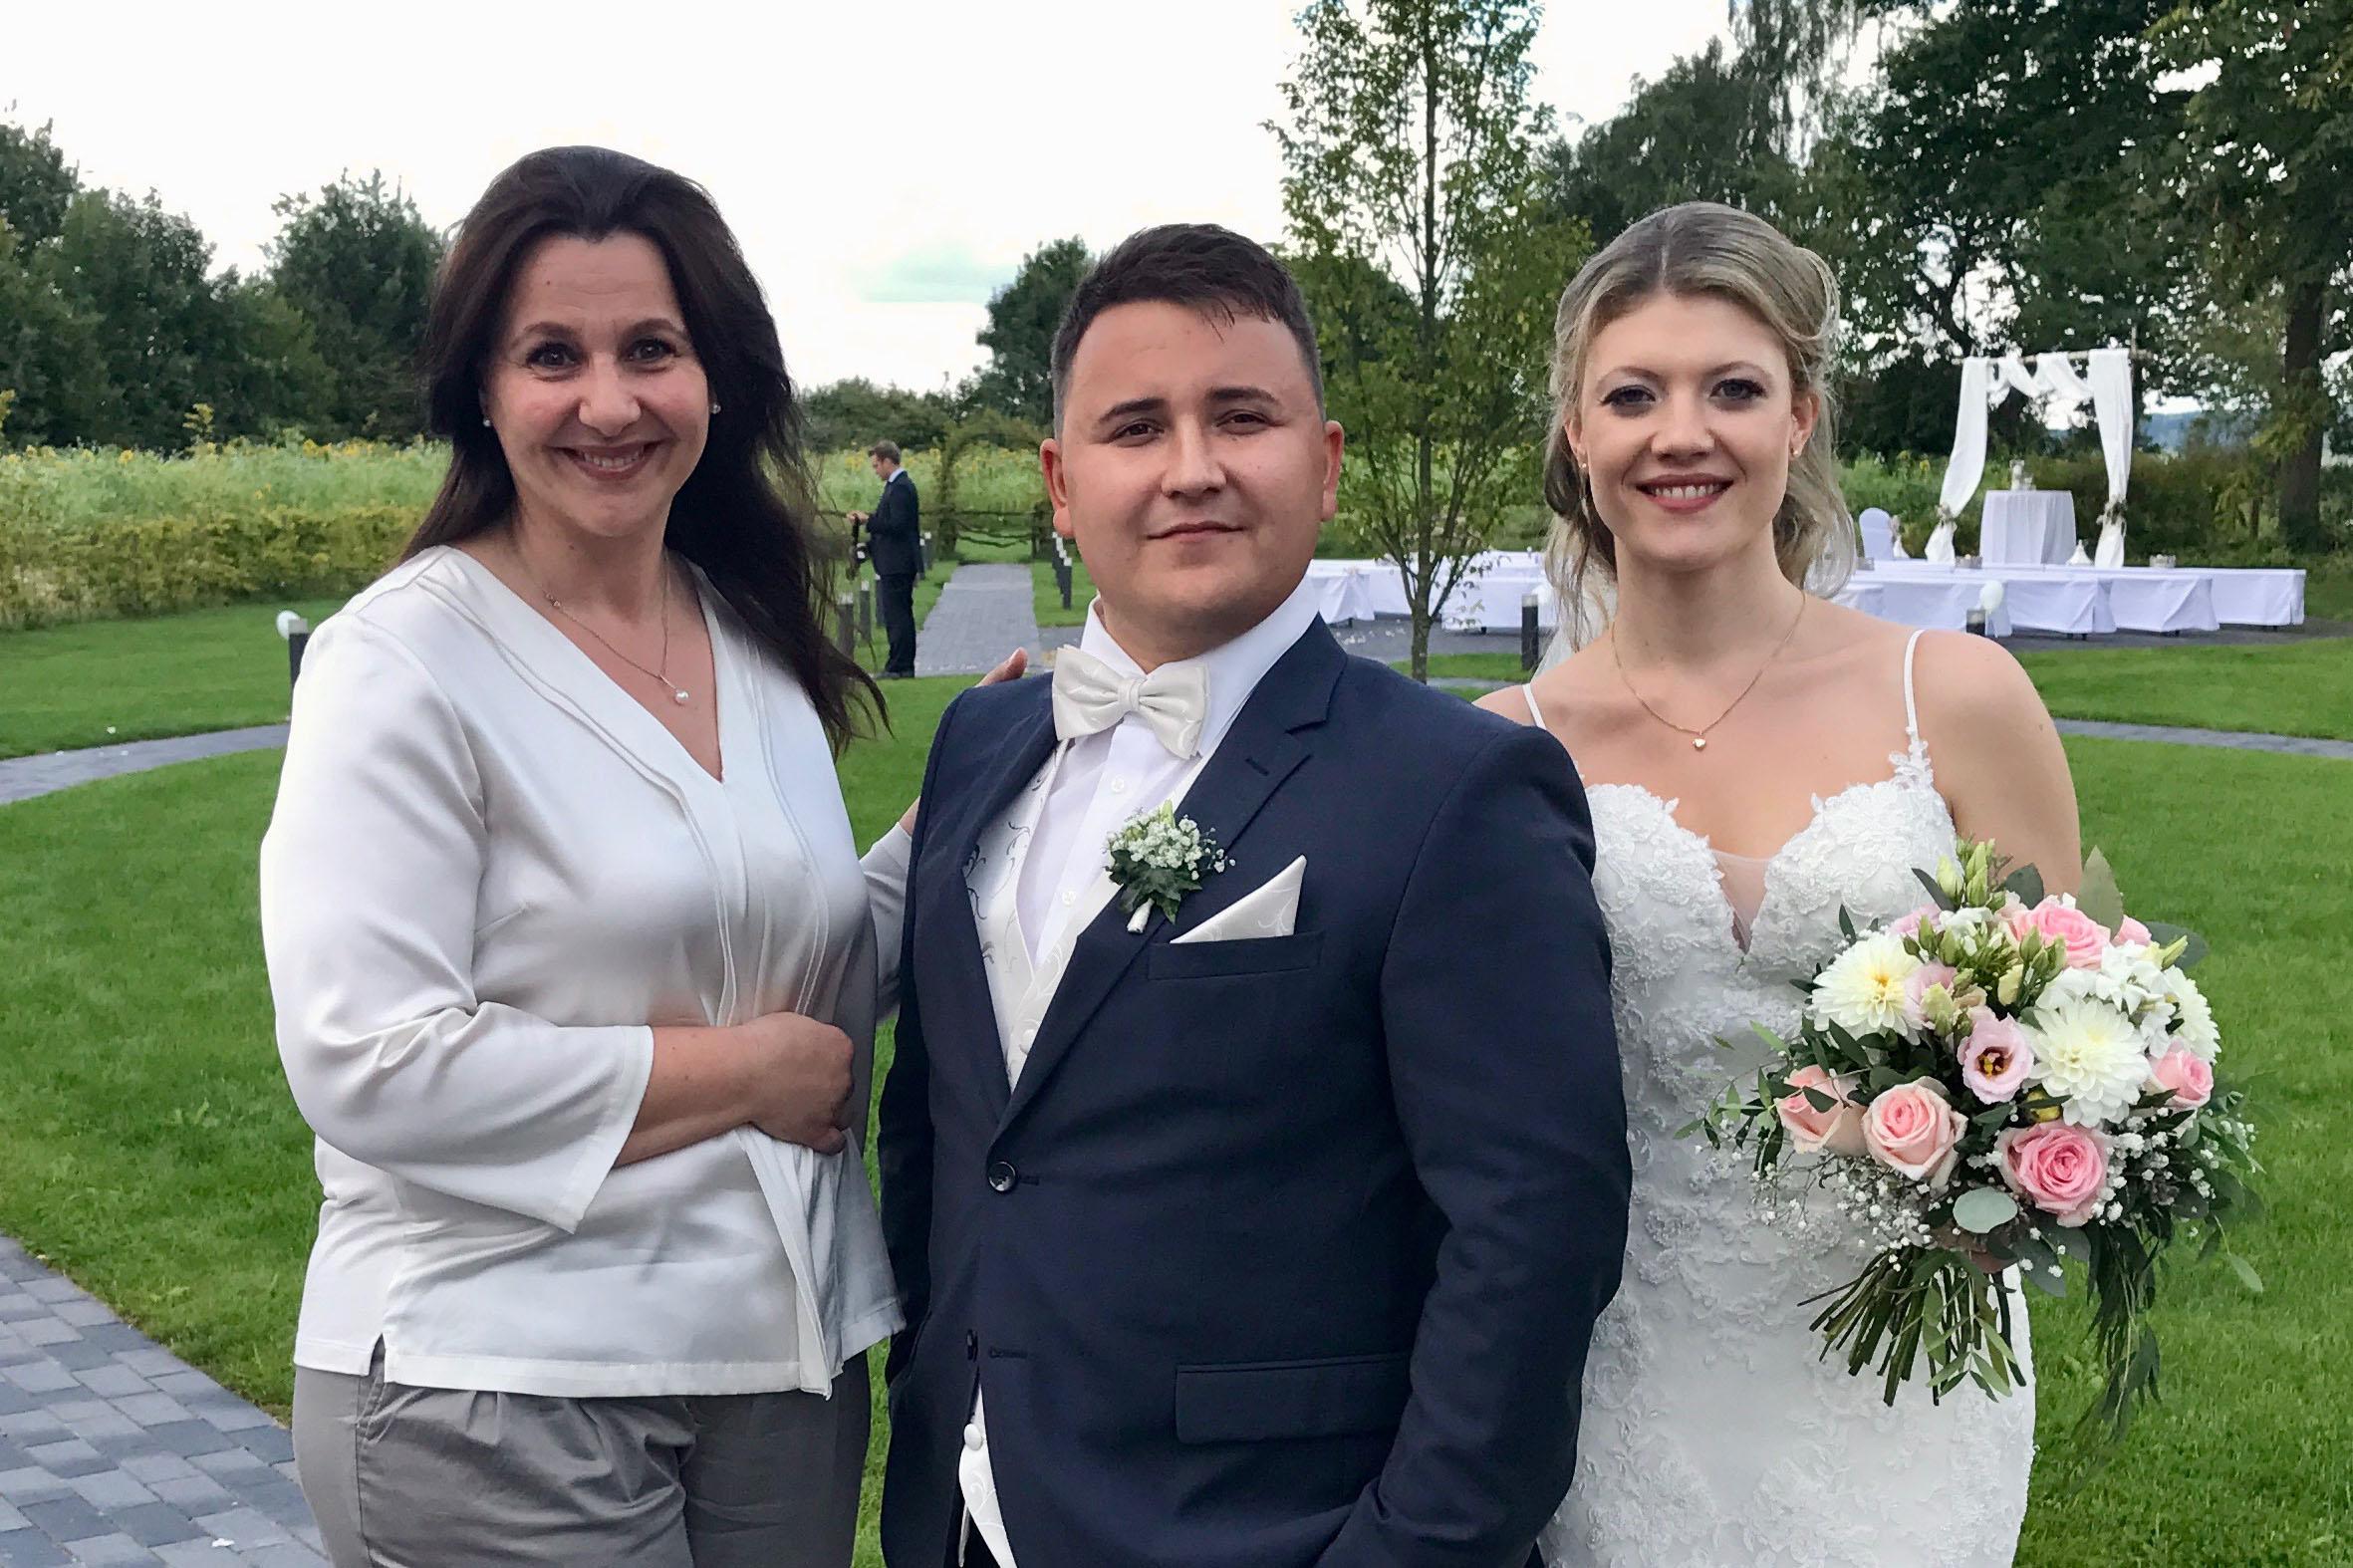 Eure Traumhochzeit - Hochzeitsrednerin Doreen Werding aus Osnabrück